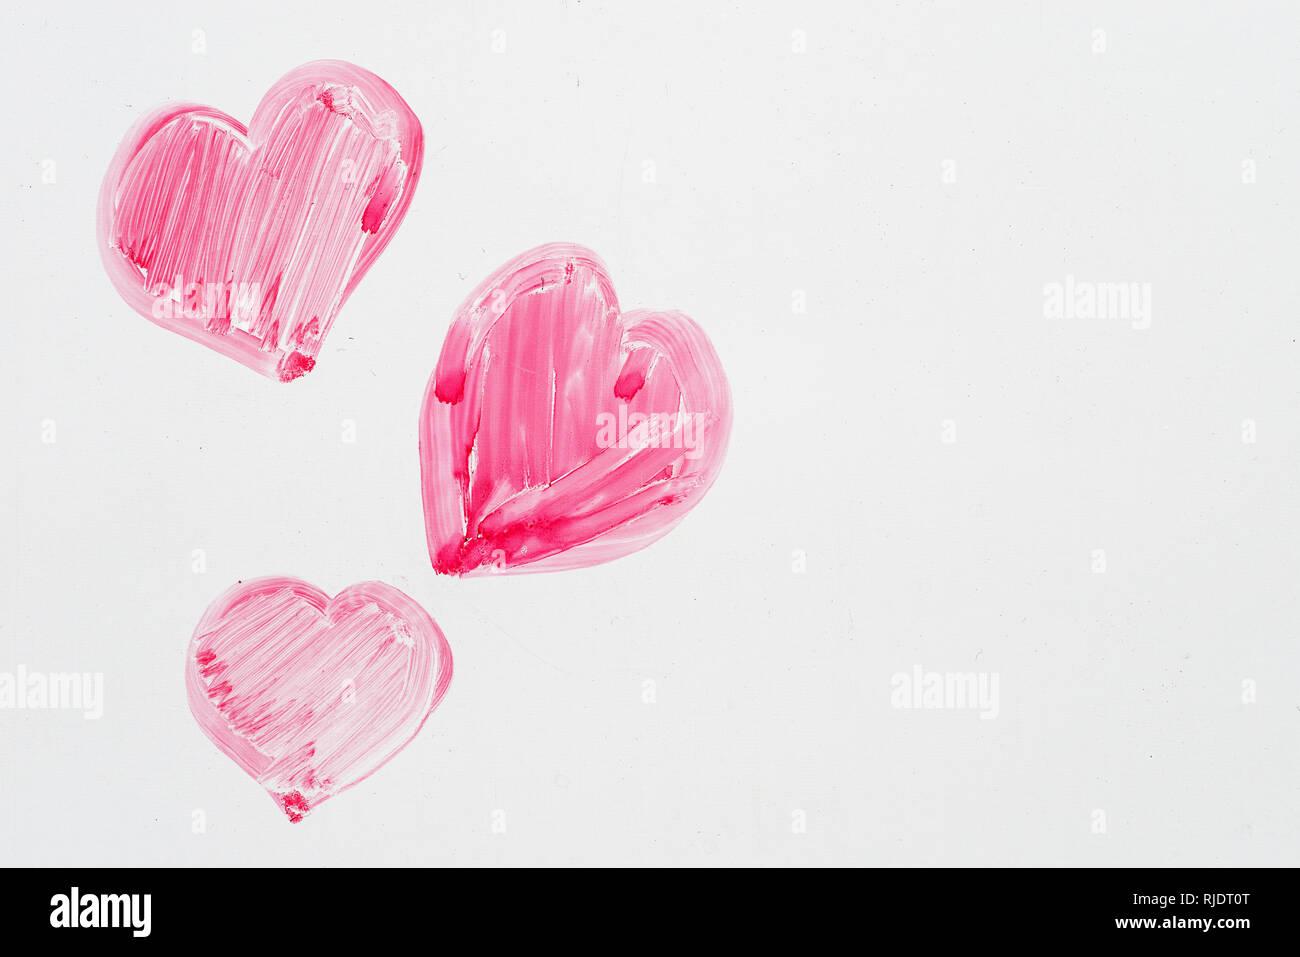 Disegnata a mano rosa il giorno di San Valentino cuori su una lavagna Immagini Stock